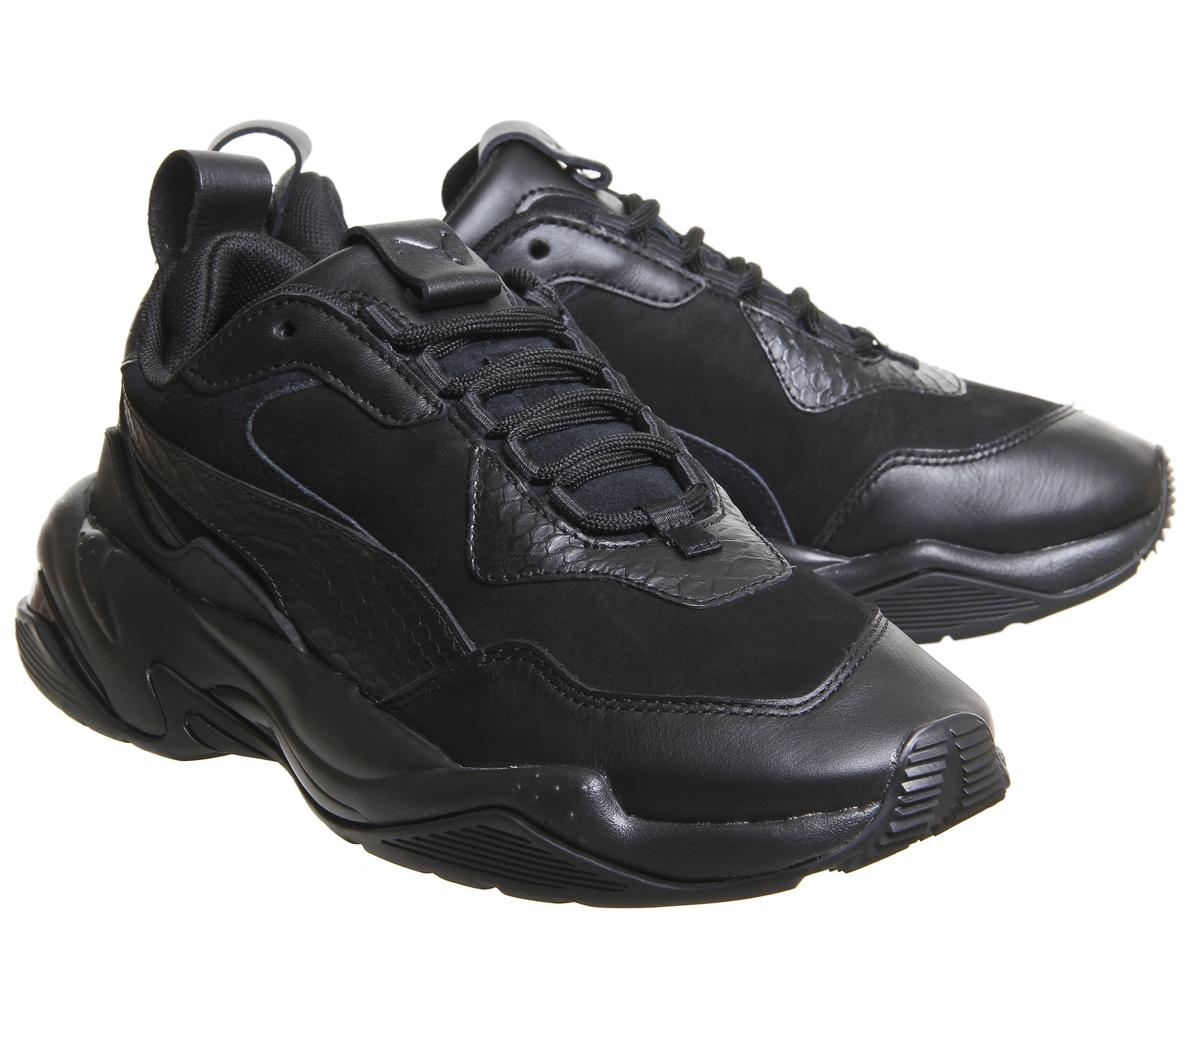 12a7147879ca7f Puma-Thunder-desert-Baskets-Puma-Noir-Baskets-Chaussures miniature